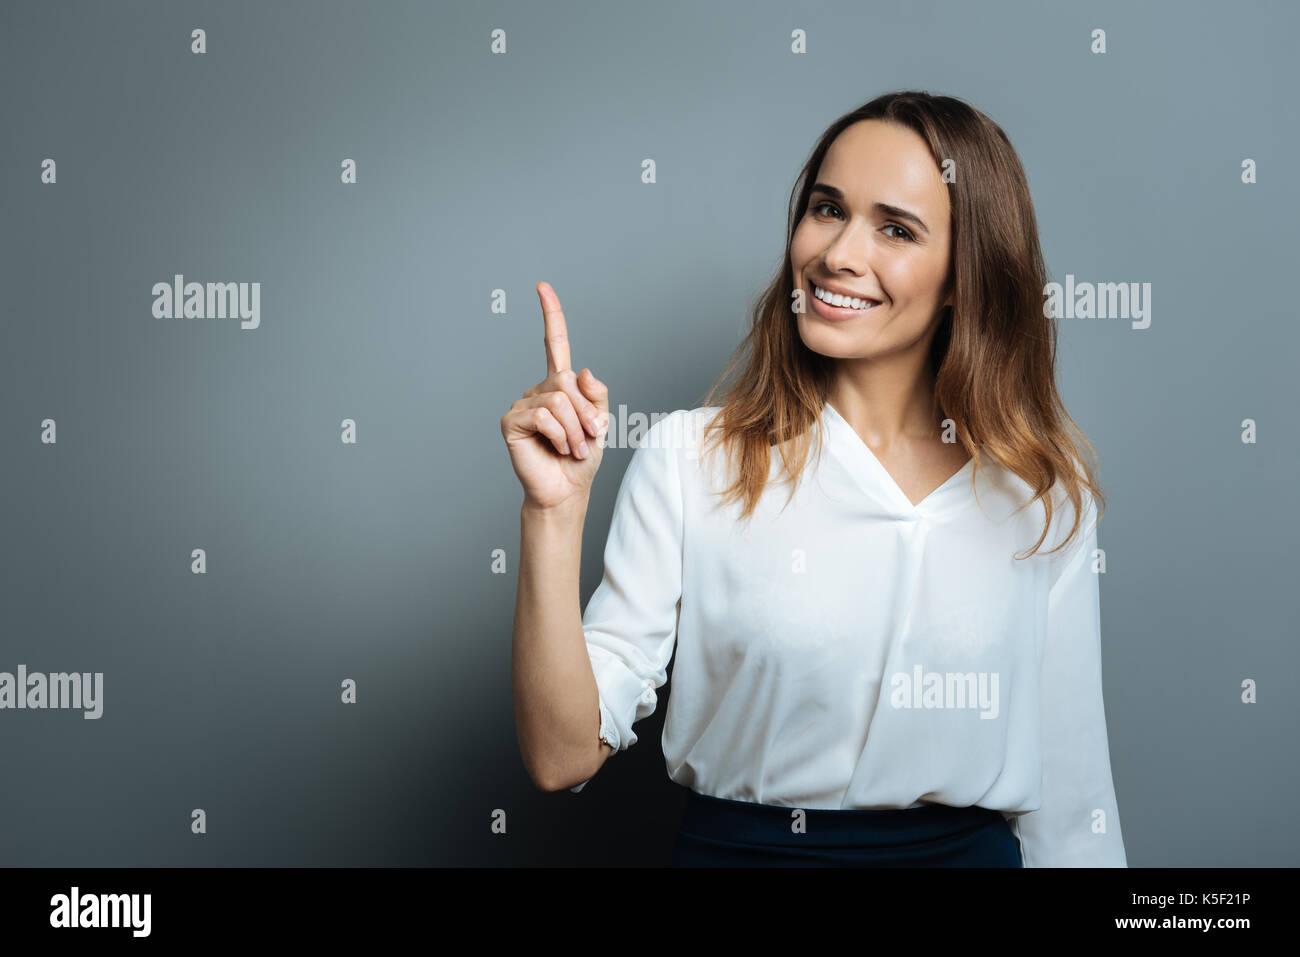 Felice donna attraente facendo un punto Immagini Stock